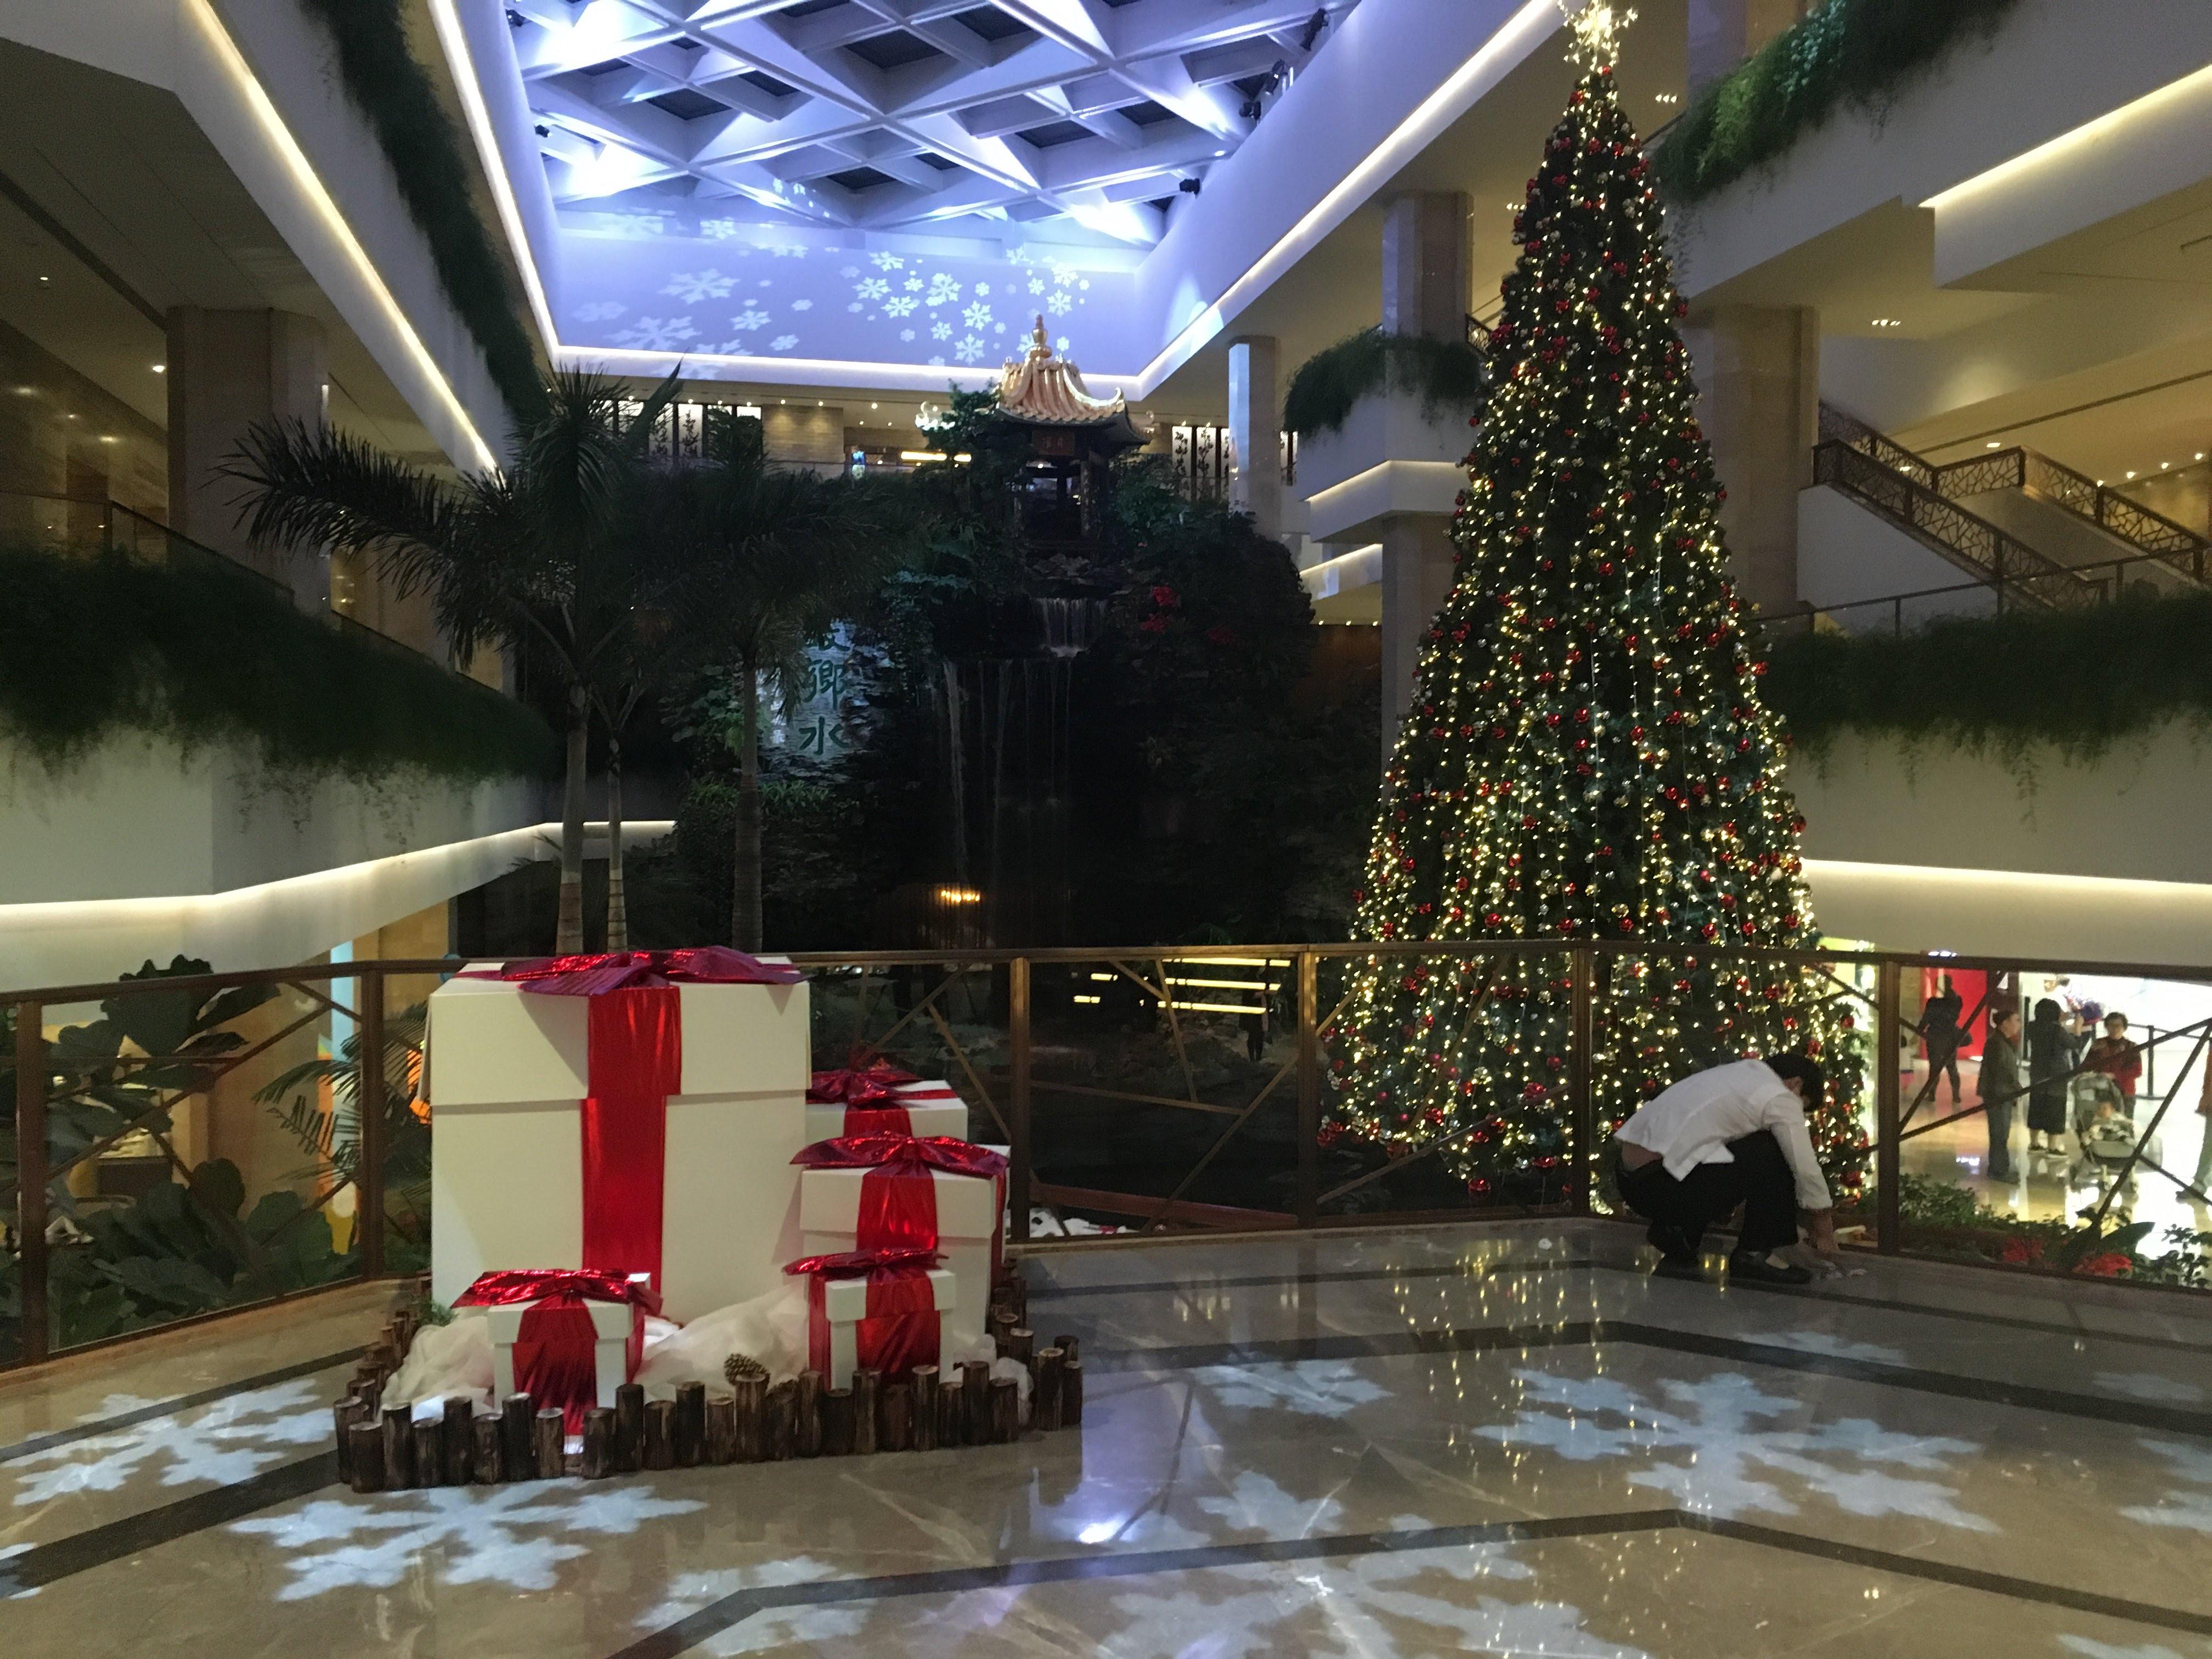 ホワイトスワンホテル(広州白天鵝賓館)